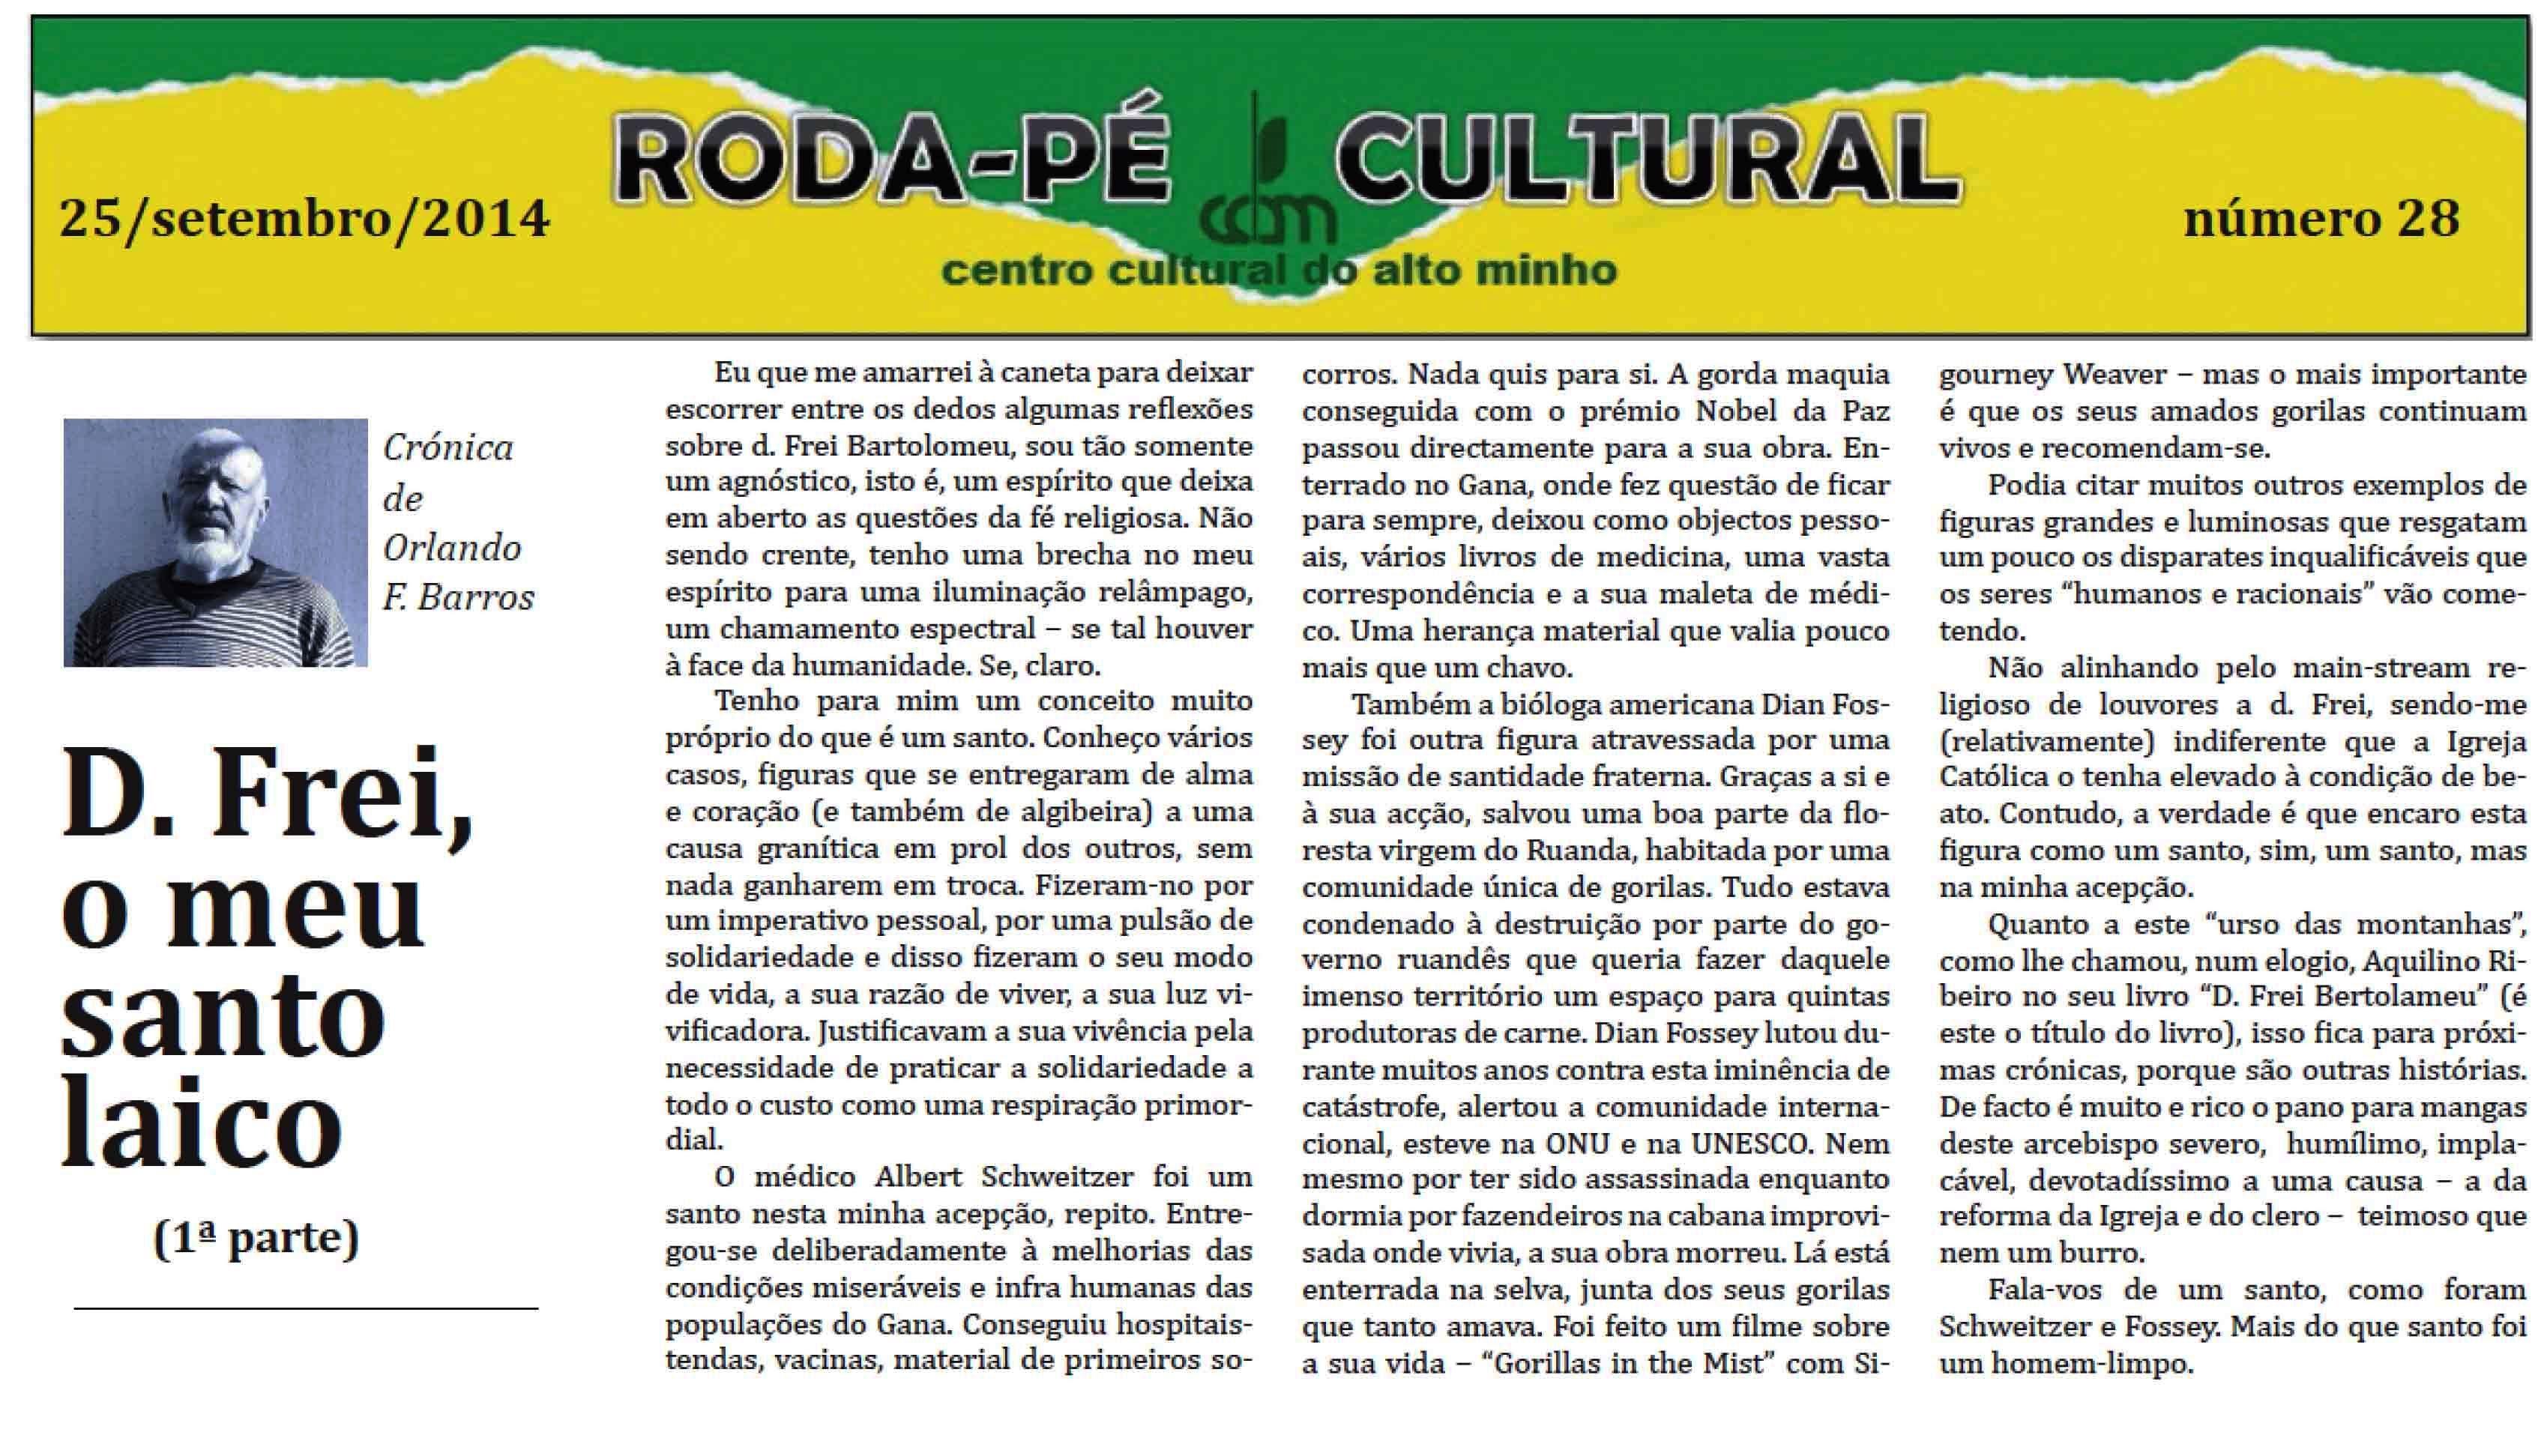 https://sites.google.com/a/centroculturaldoaltominho.org/ccam/actividades-realizadas/2014/RP_028.jpg